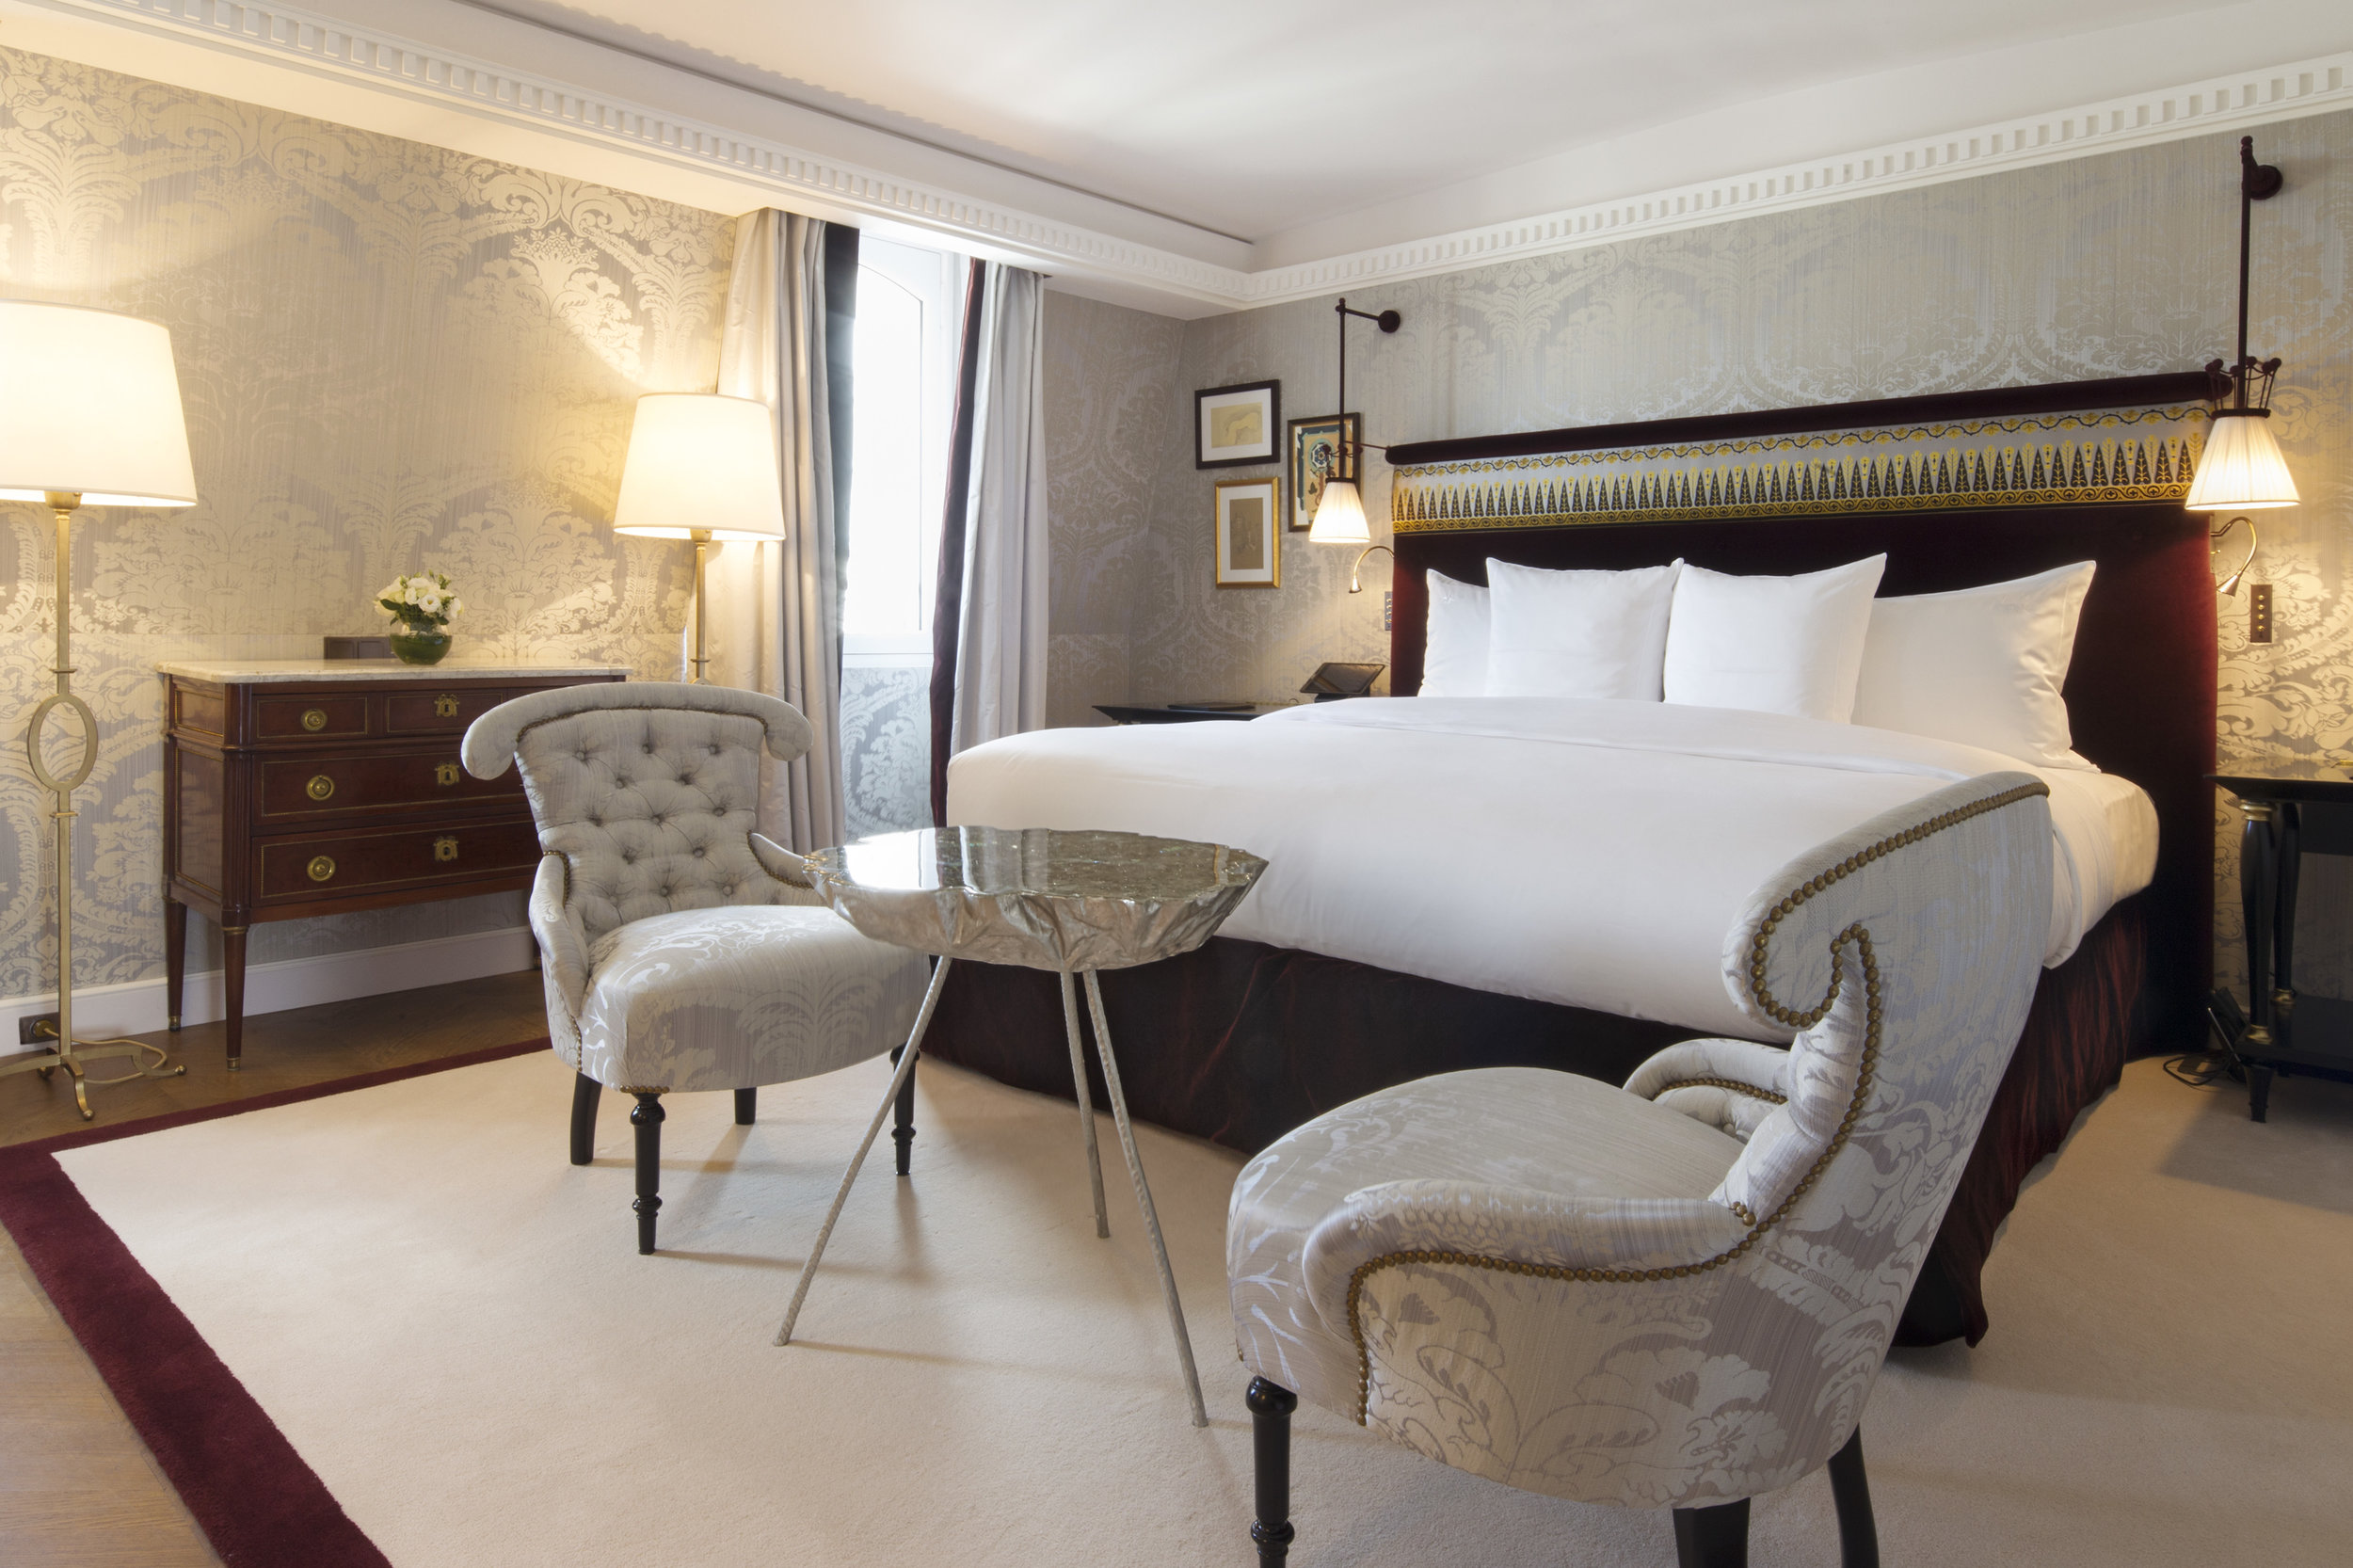 La Réserve Hotel & Spa - prestige suite bedroom - Crédits photo G. Gardette - La Réserve Paris.jpg